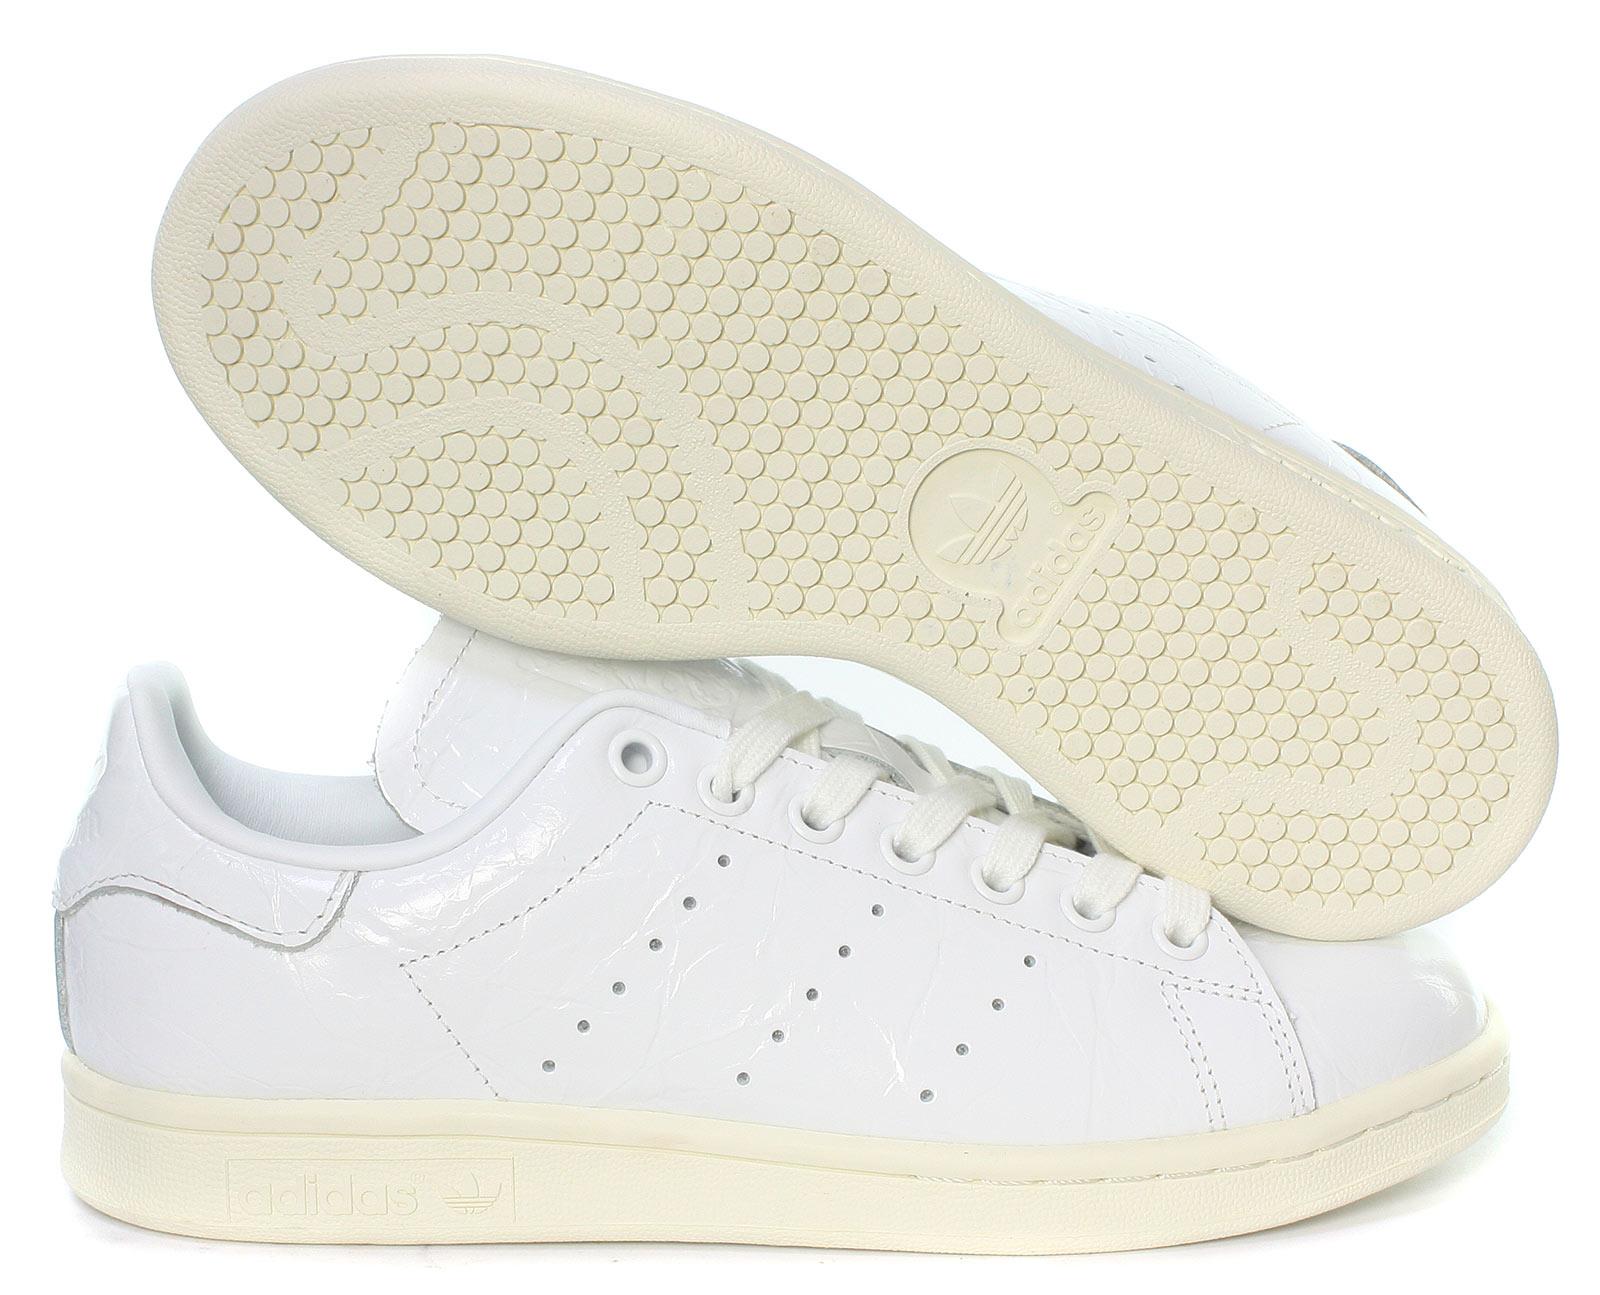 Nuovo Adidas Adidas Adidas Originali Stan Smith da Donna Scarpe da Ginnastica Tutte le Taglie 5fe106